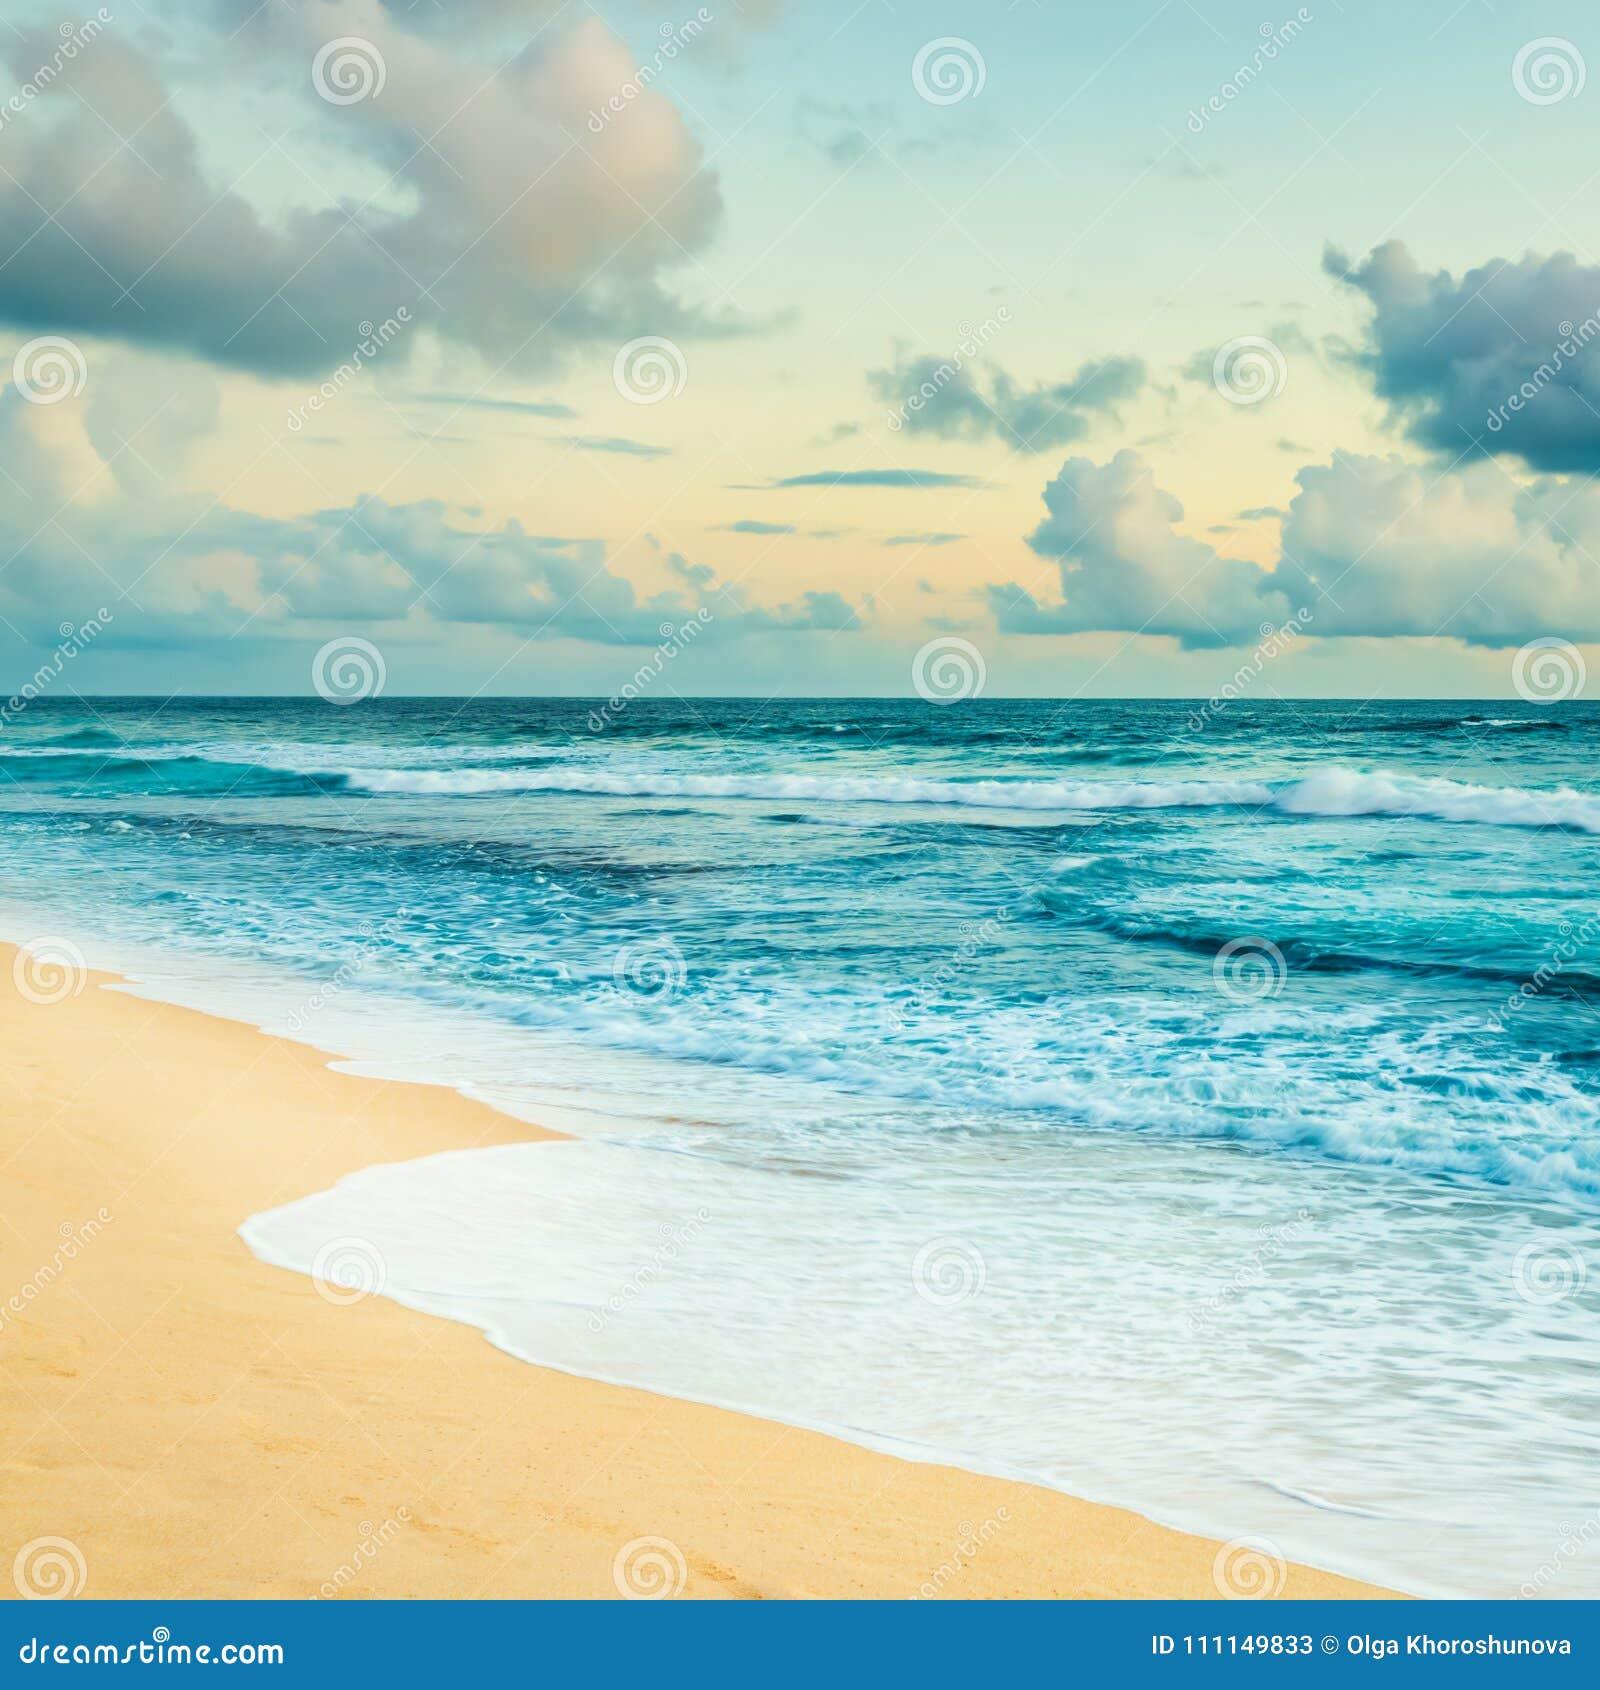 Fantastisk liggande över havssoluppgång glass förstorande översiktslopp för destination